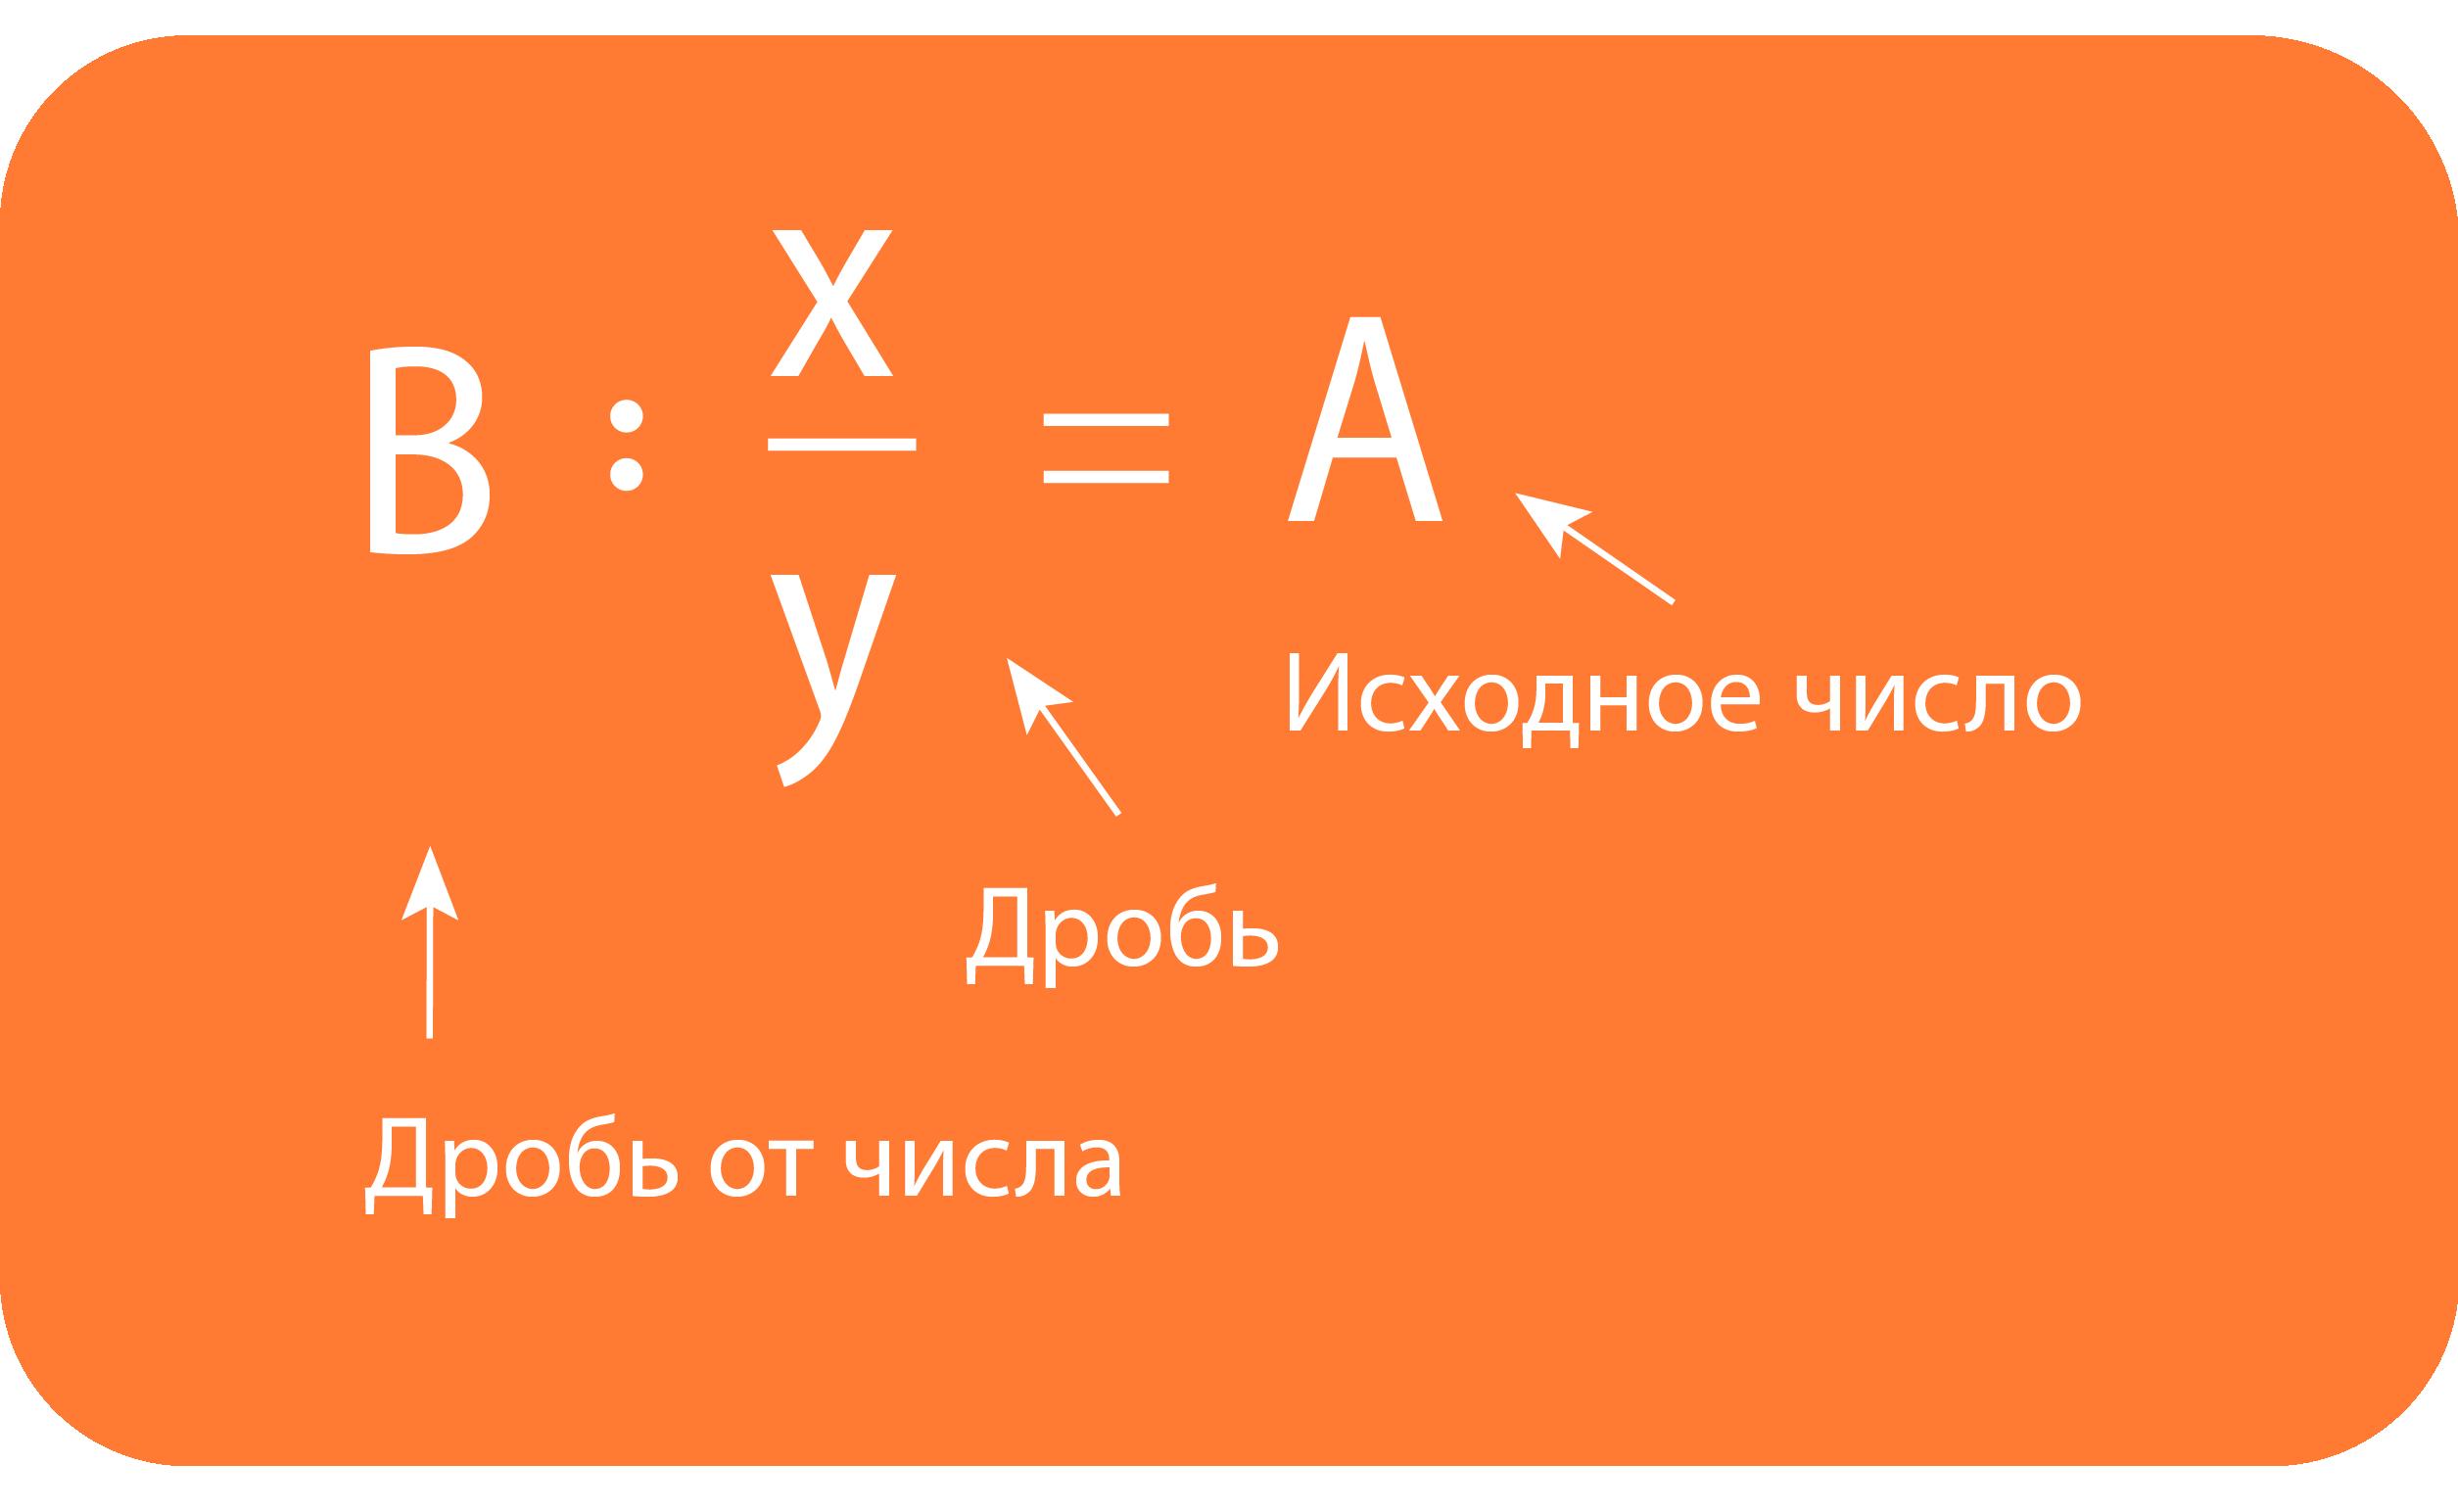 чтобы найти дробь от числа необходимо разделить известную часть числа на дробь